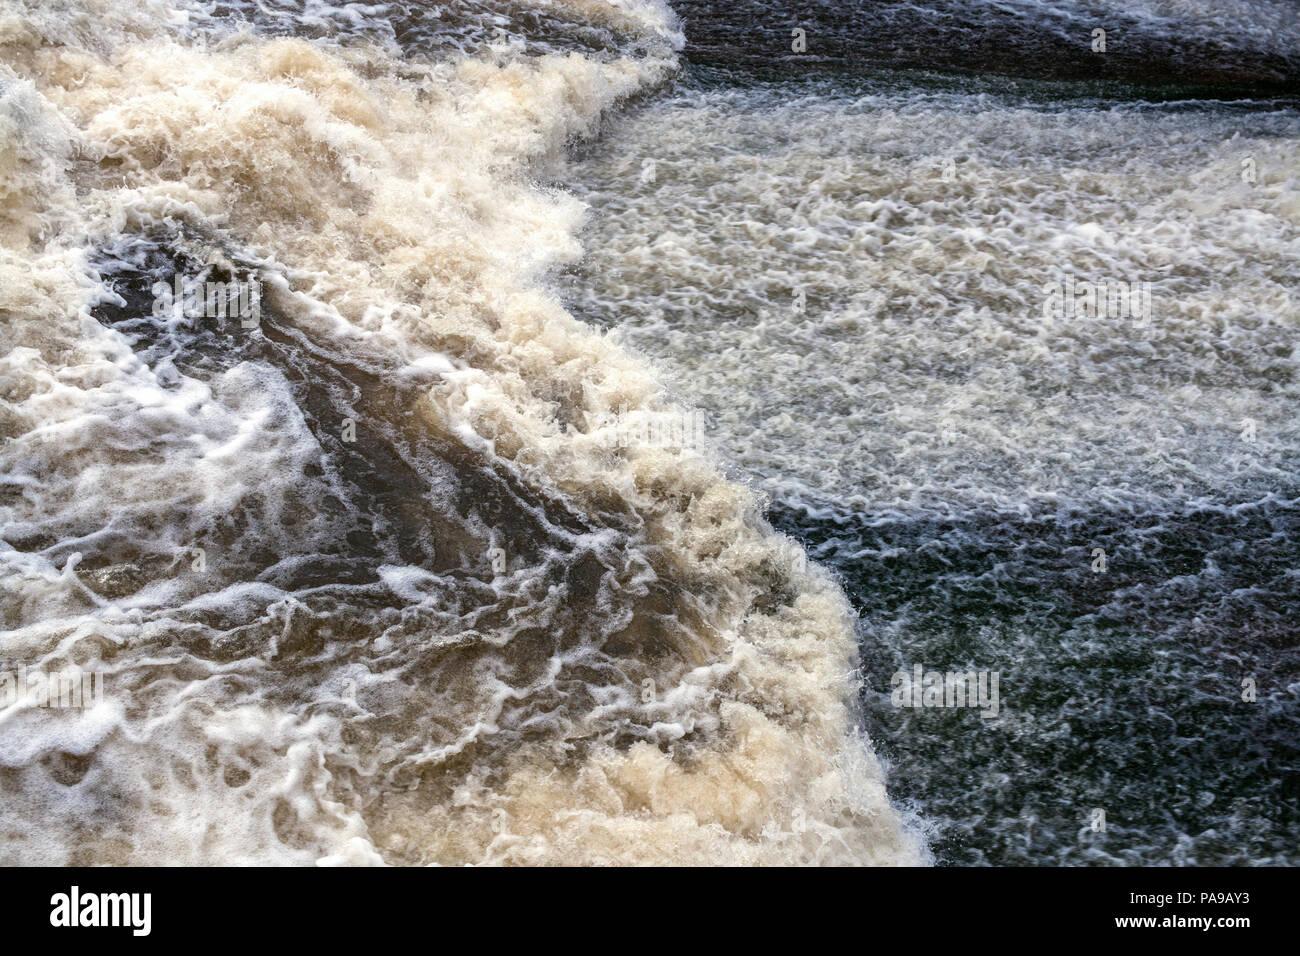 Flux puissant d'écume bouillonnante de l'eau. Focus sélectif. Banque D'Images